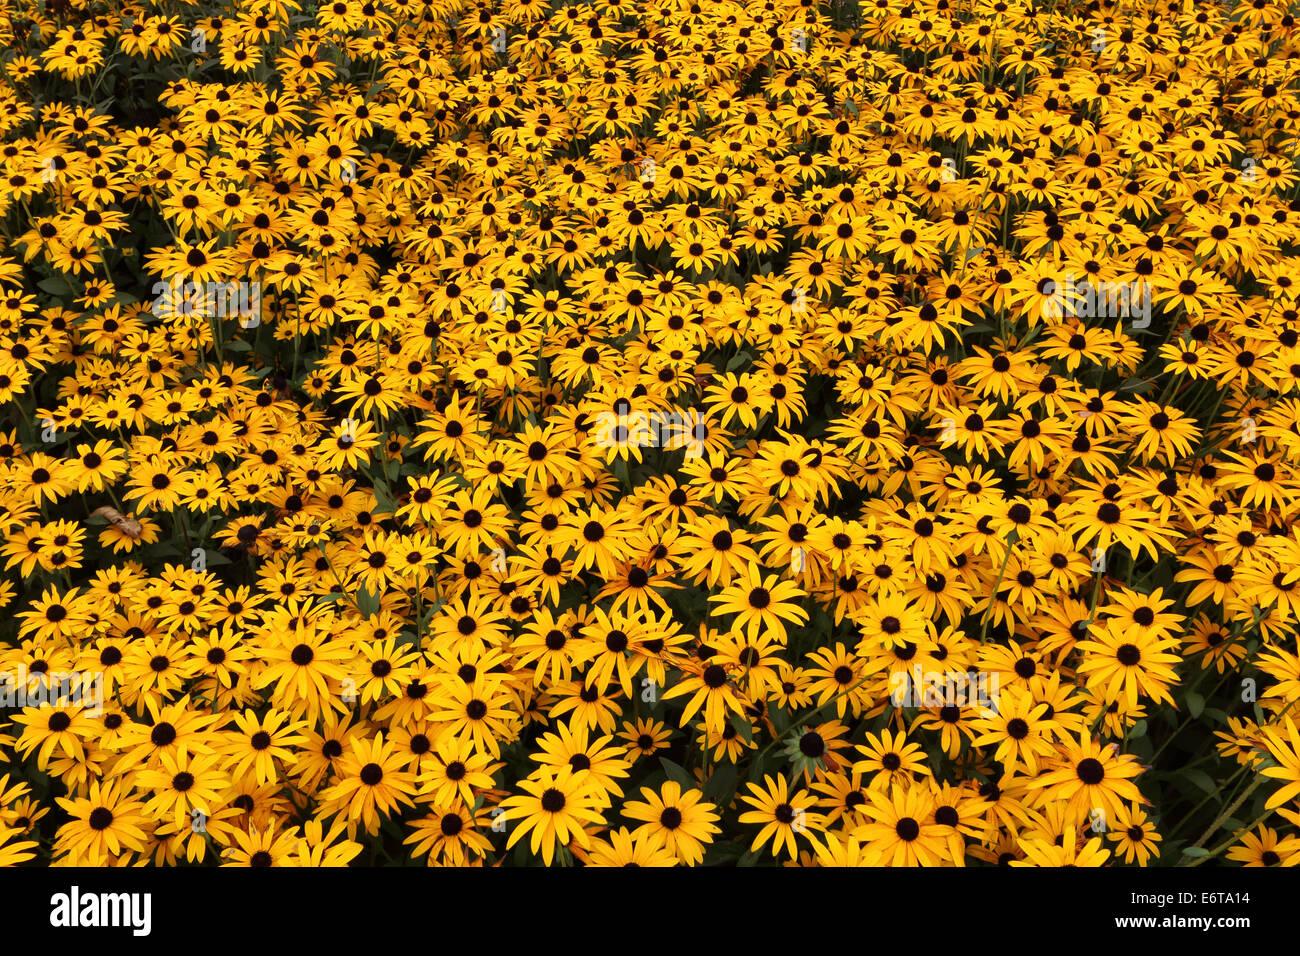 Rudbeckia Asteraceae yellow black flowers bloom - Stock Image